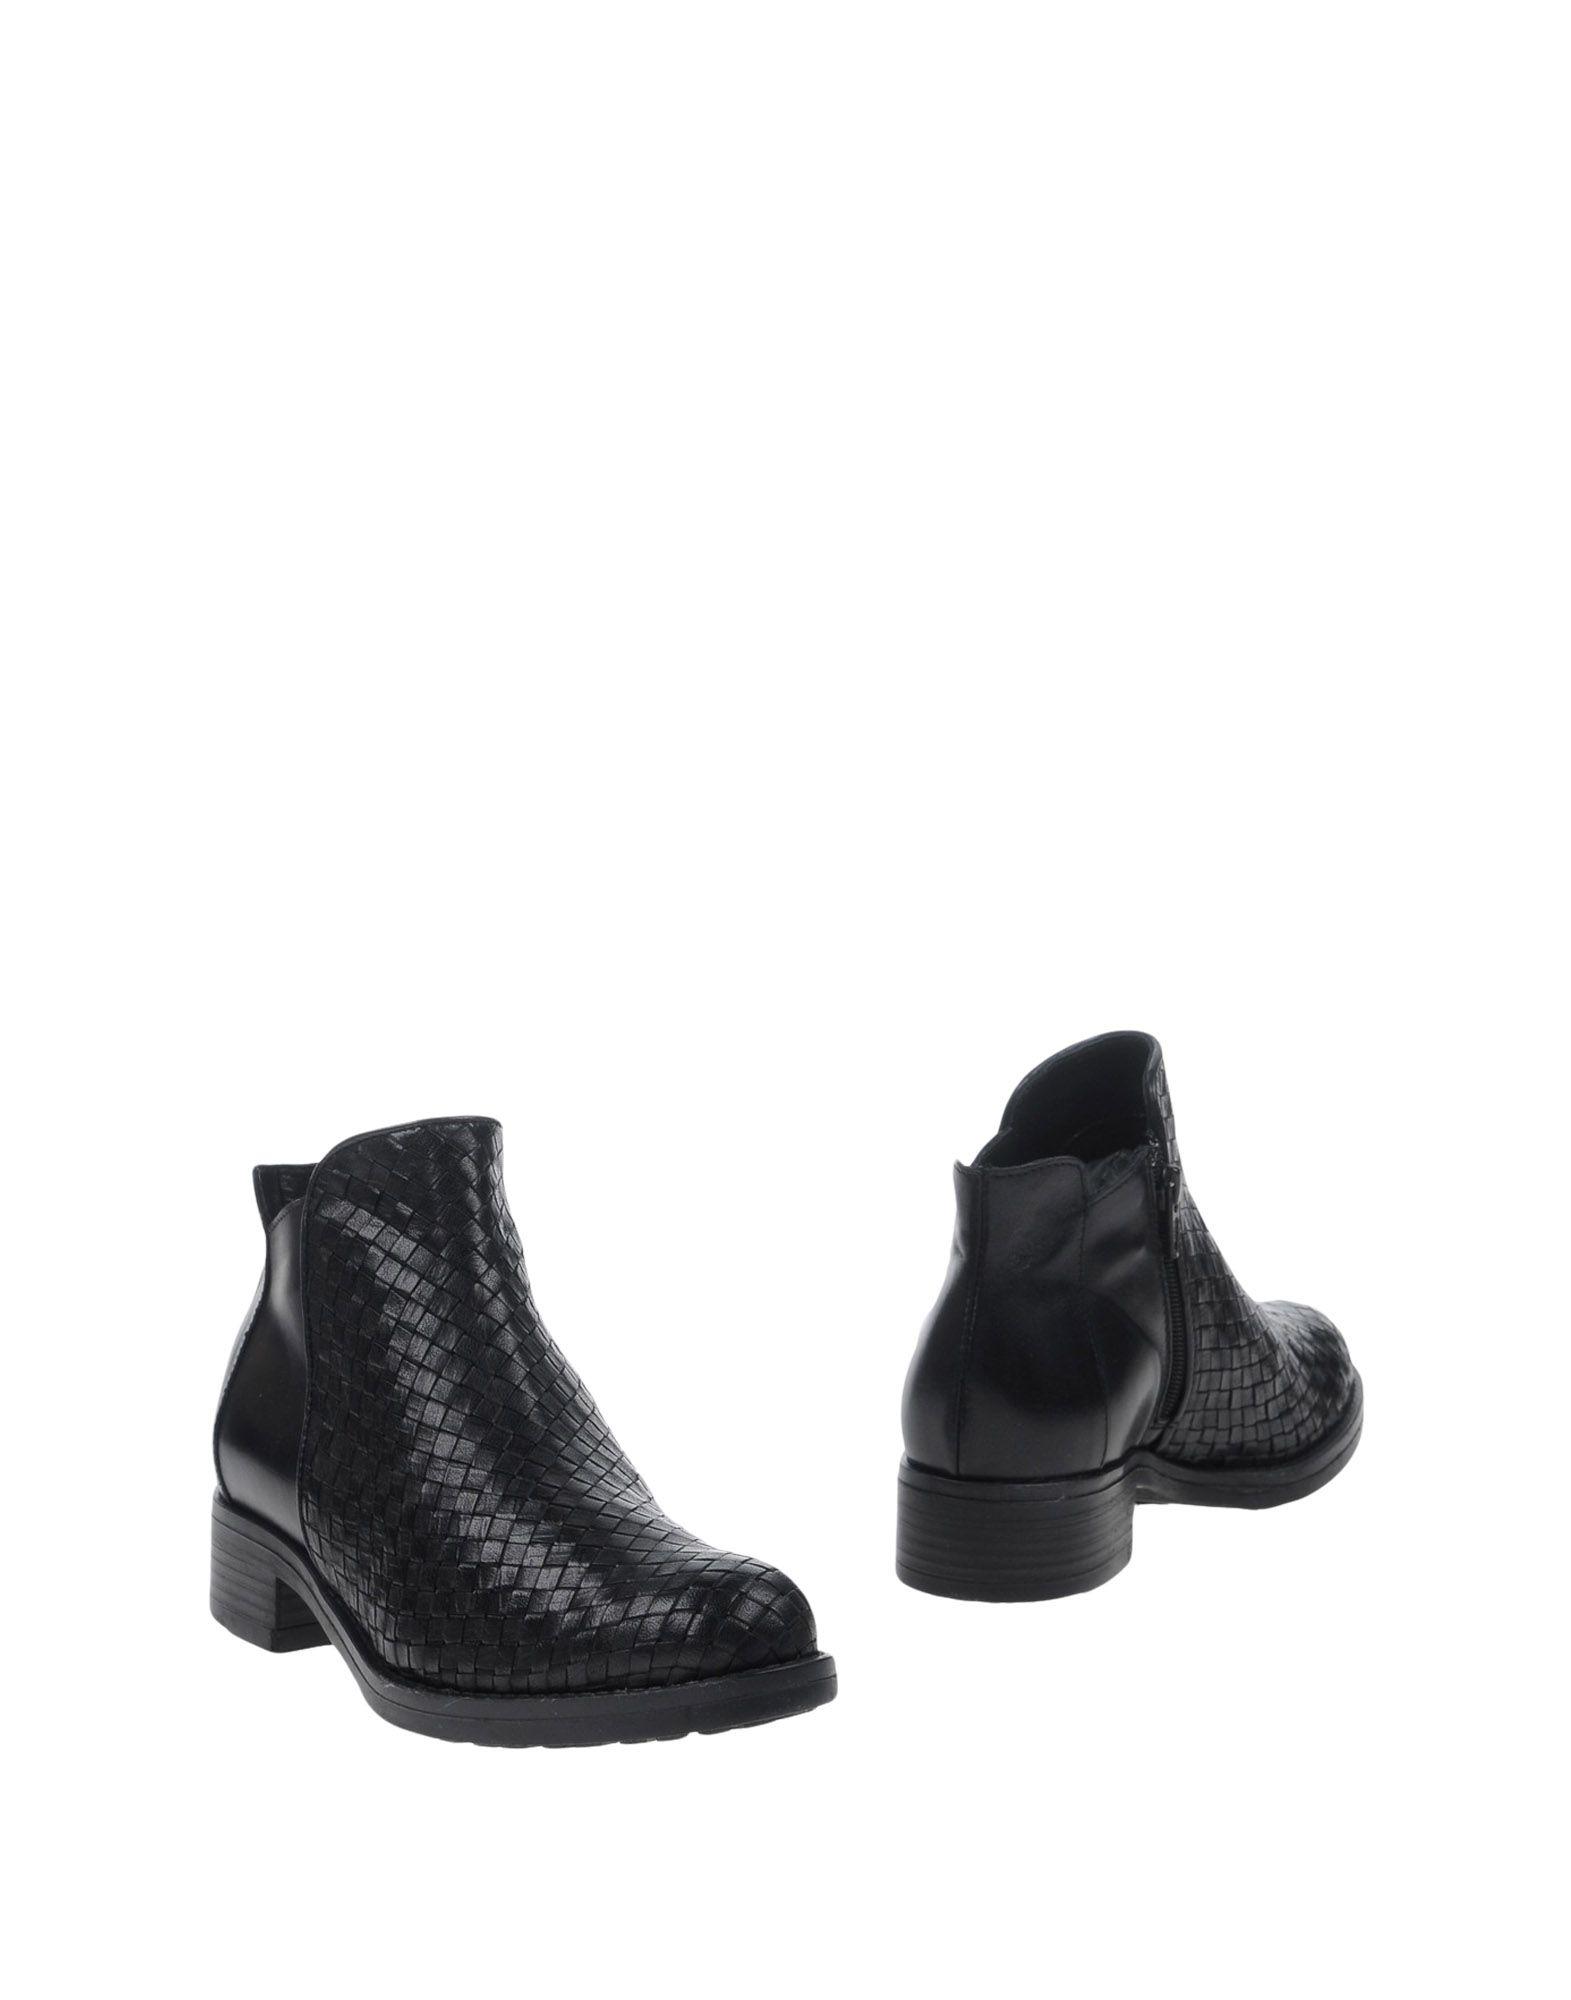 Donna Qualität Più Stiefelette Damen  11253246DJ Gute Qualität Donna beliebte Schuhe eb8775